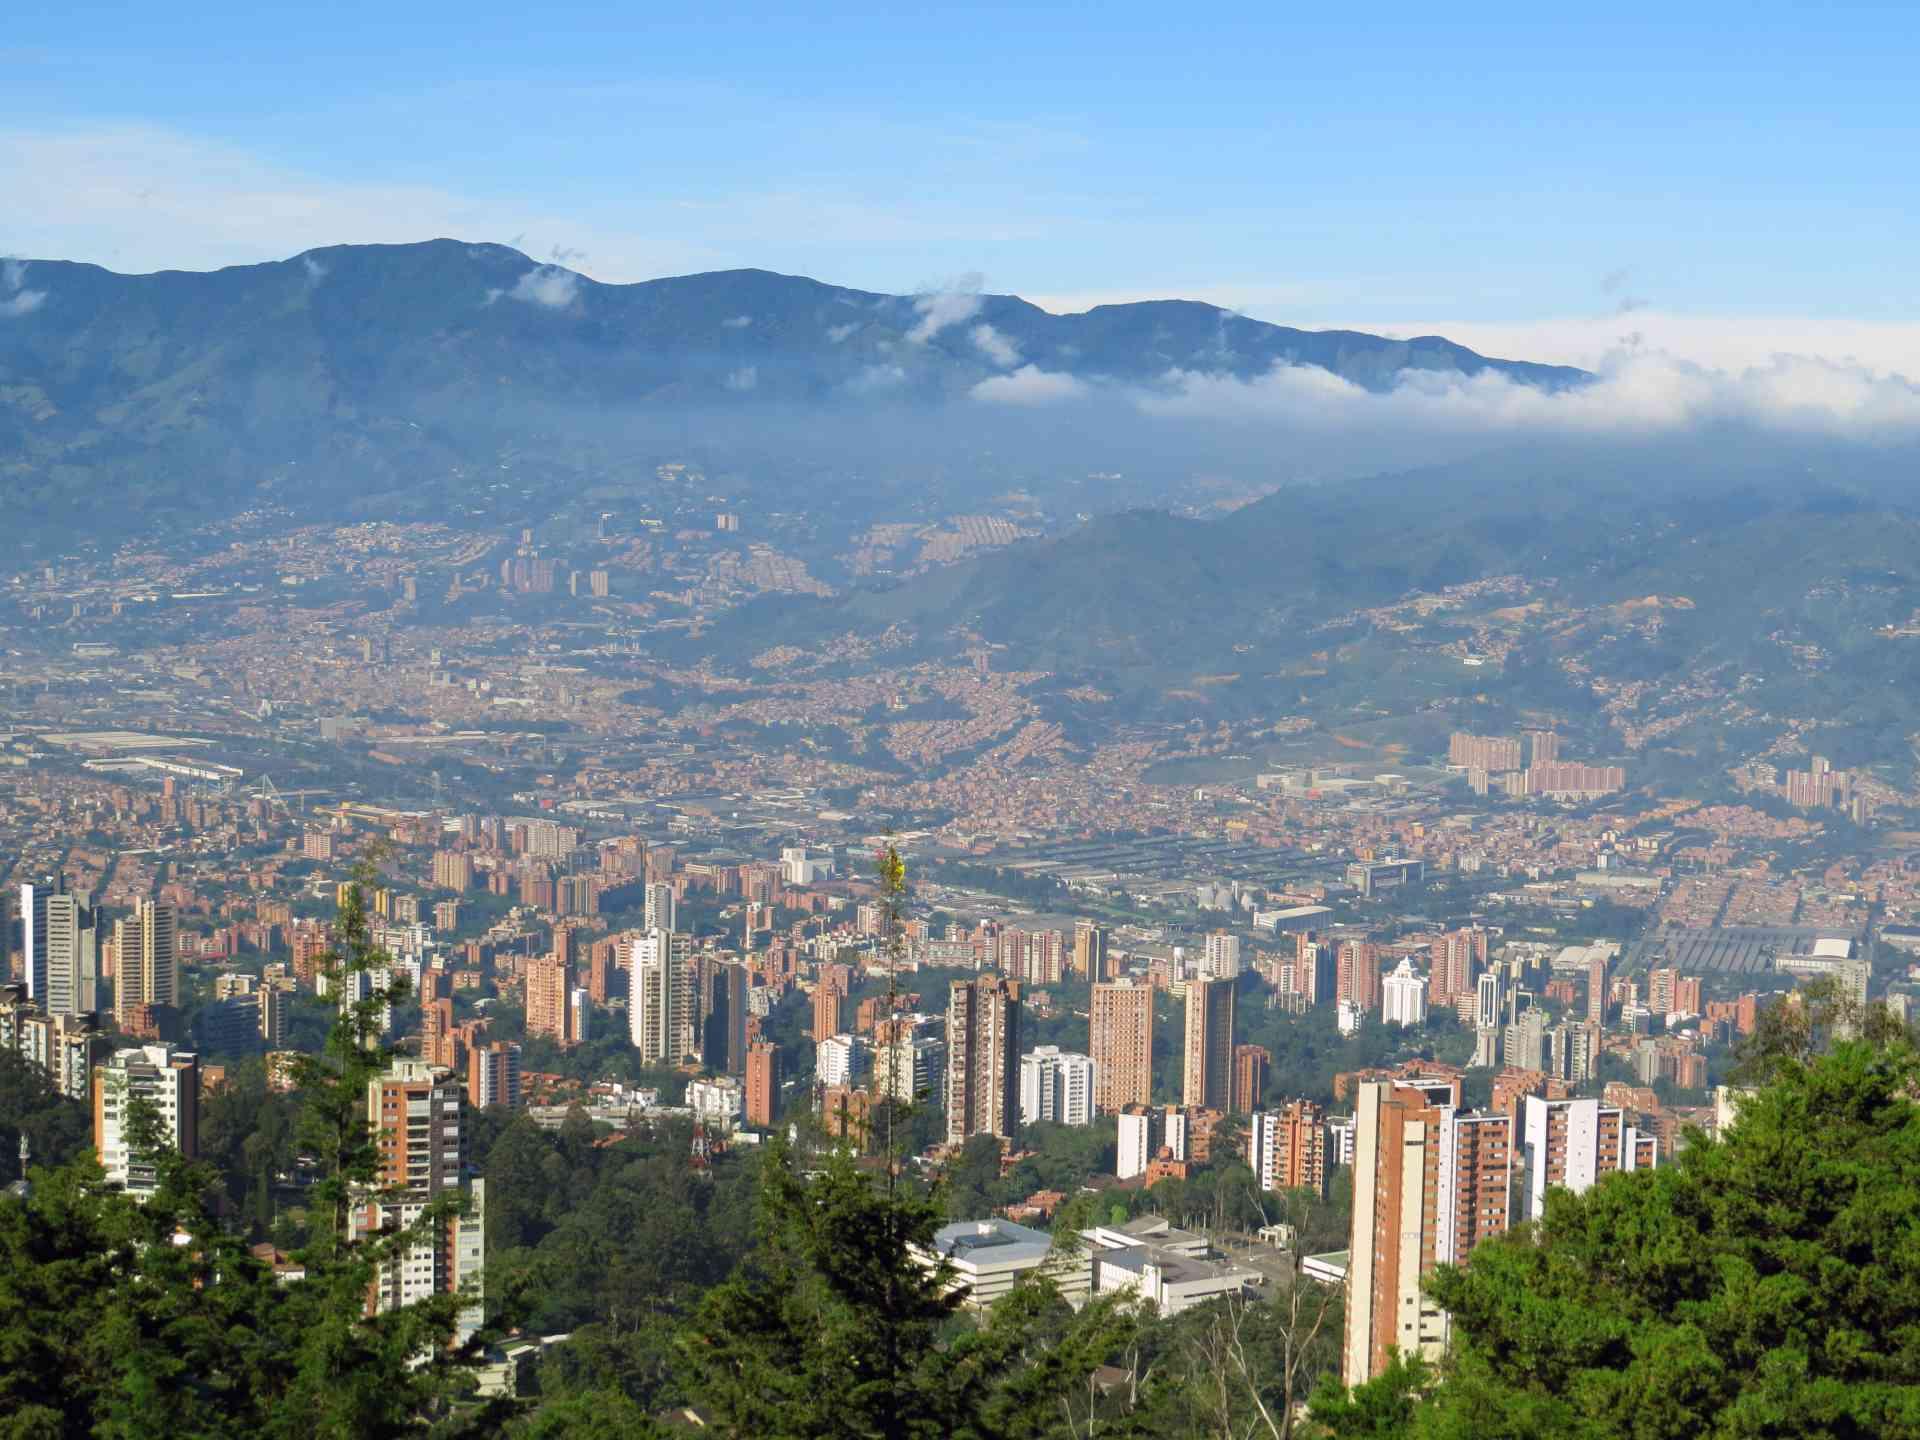 Medellin, Colombia by Marion Bunnik